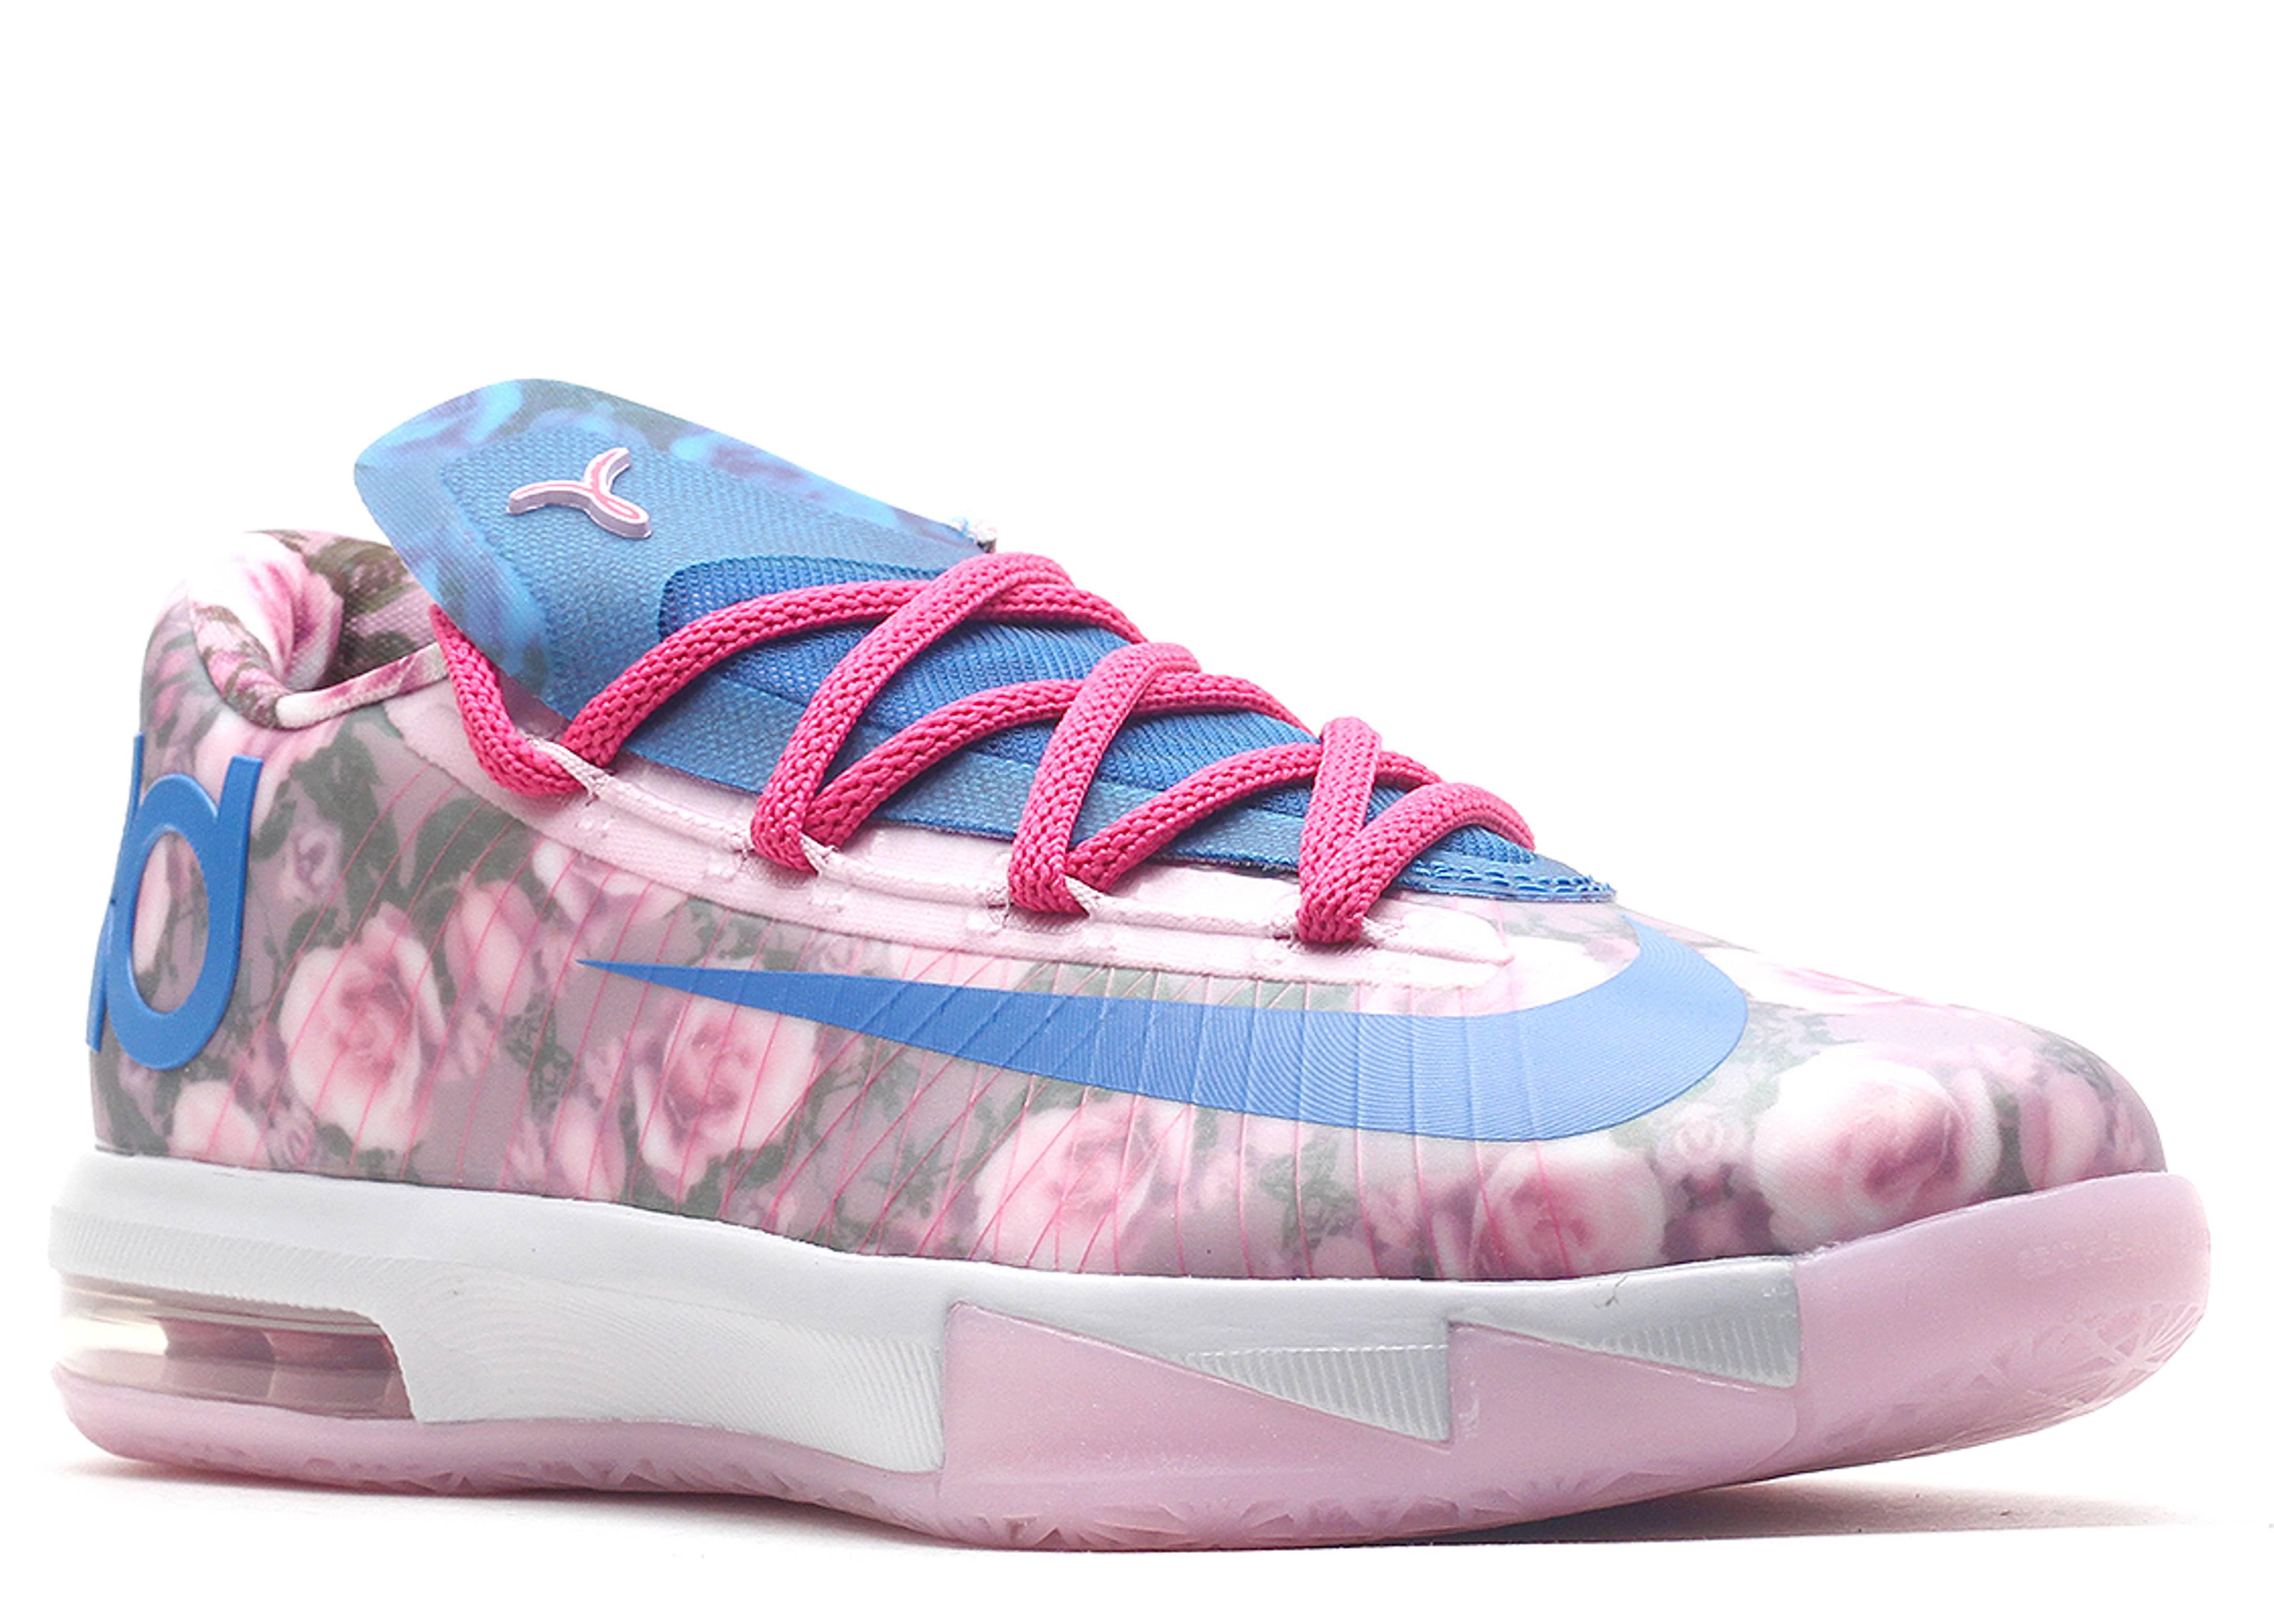 kd 6 gs quotaunt pearlquot nike 599477 602 lt artic pink